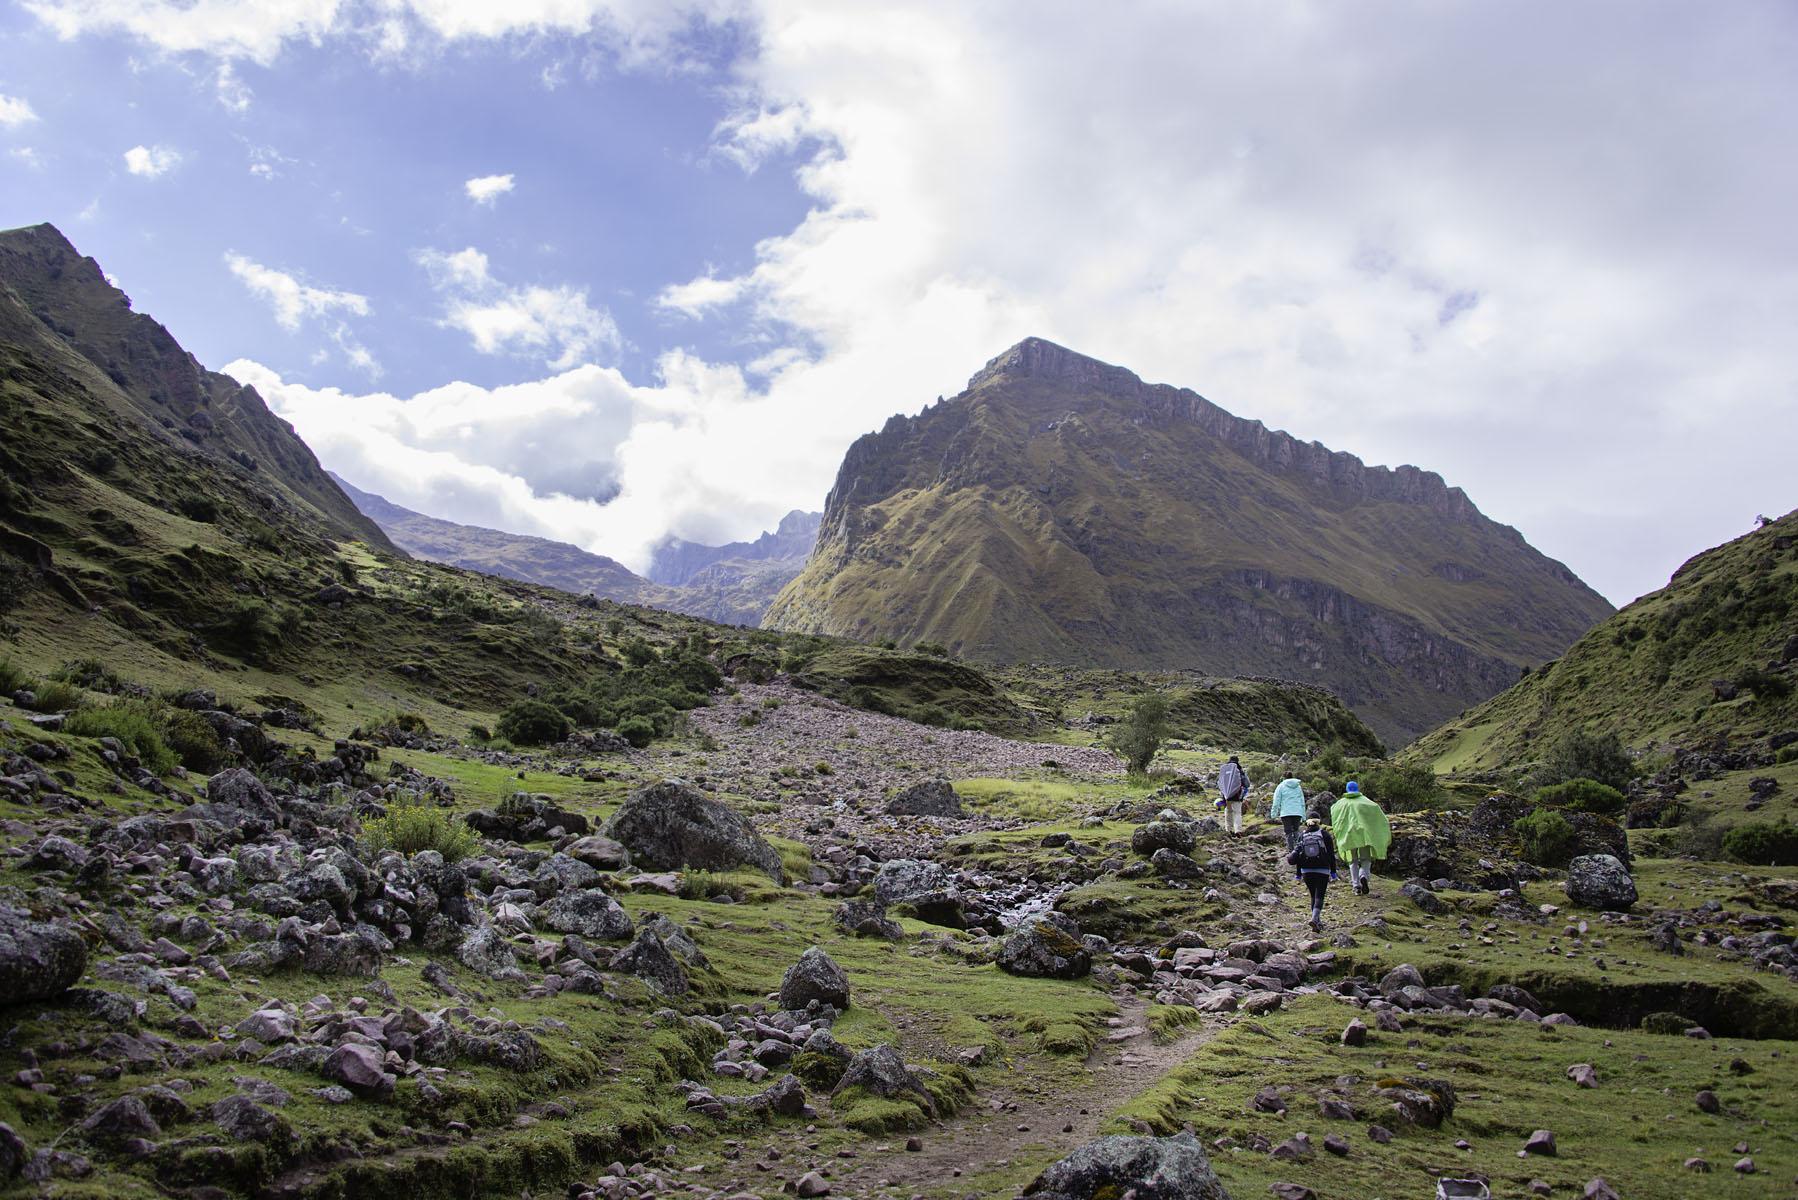 365-Peru-5-15_web.jpg